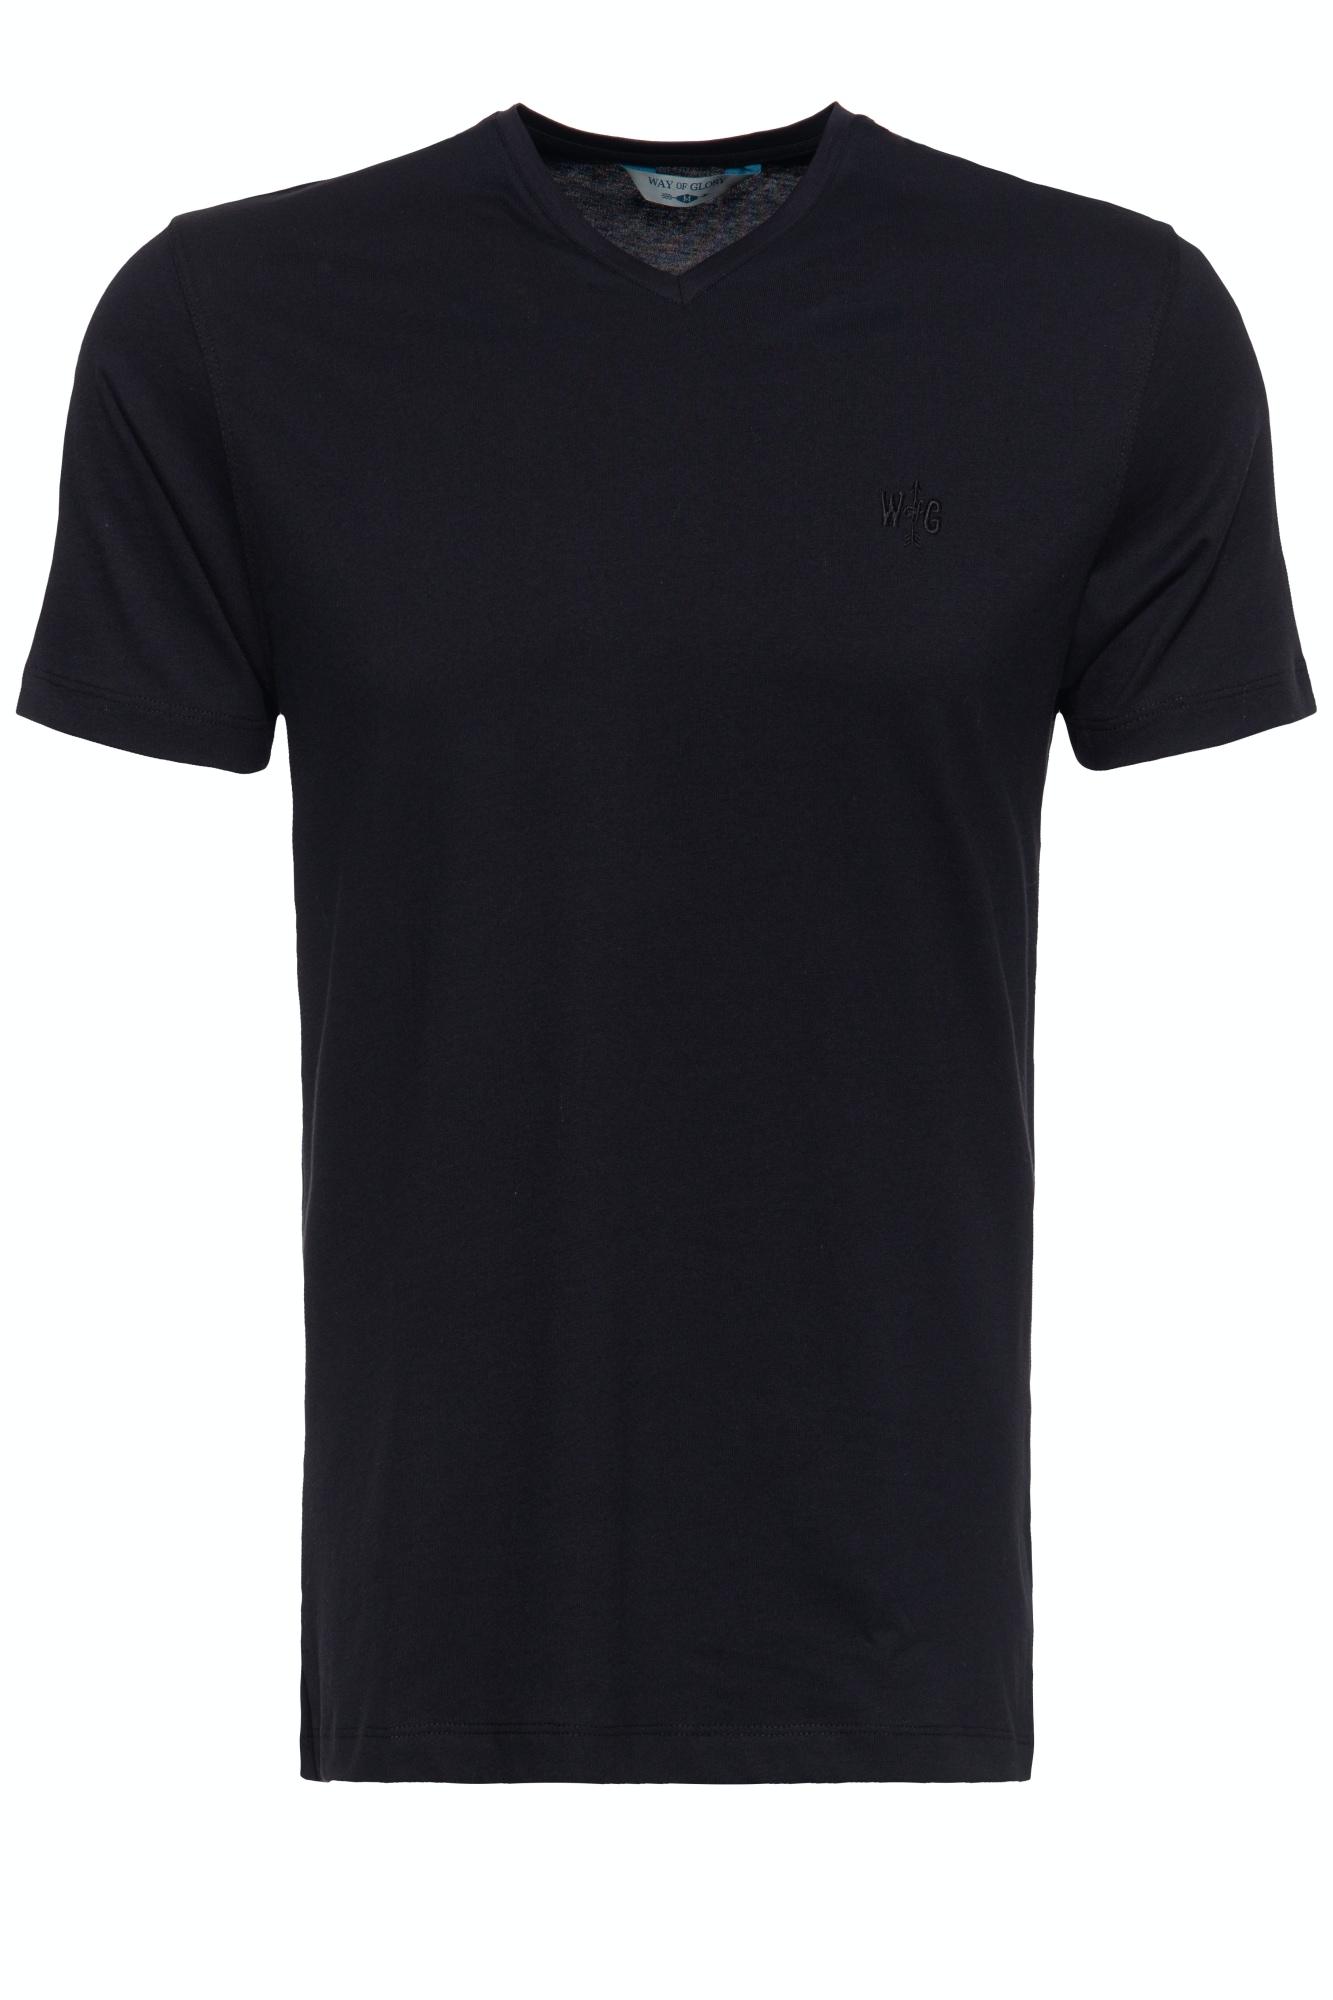 way of glory -  T-Shirt, mit V-Ausschnitt